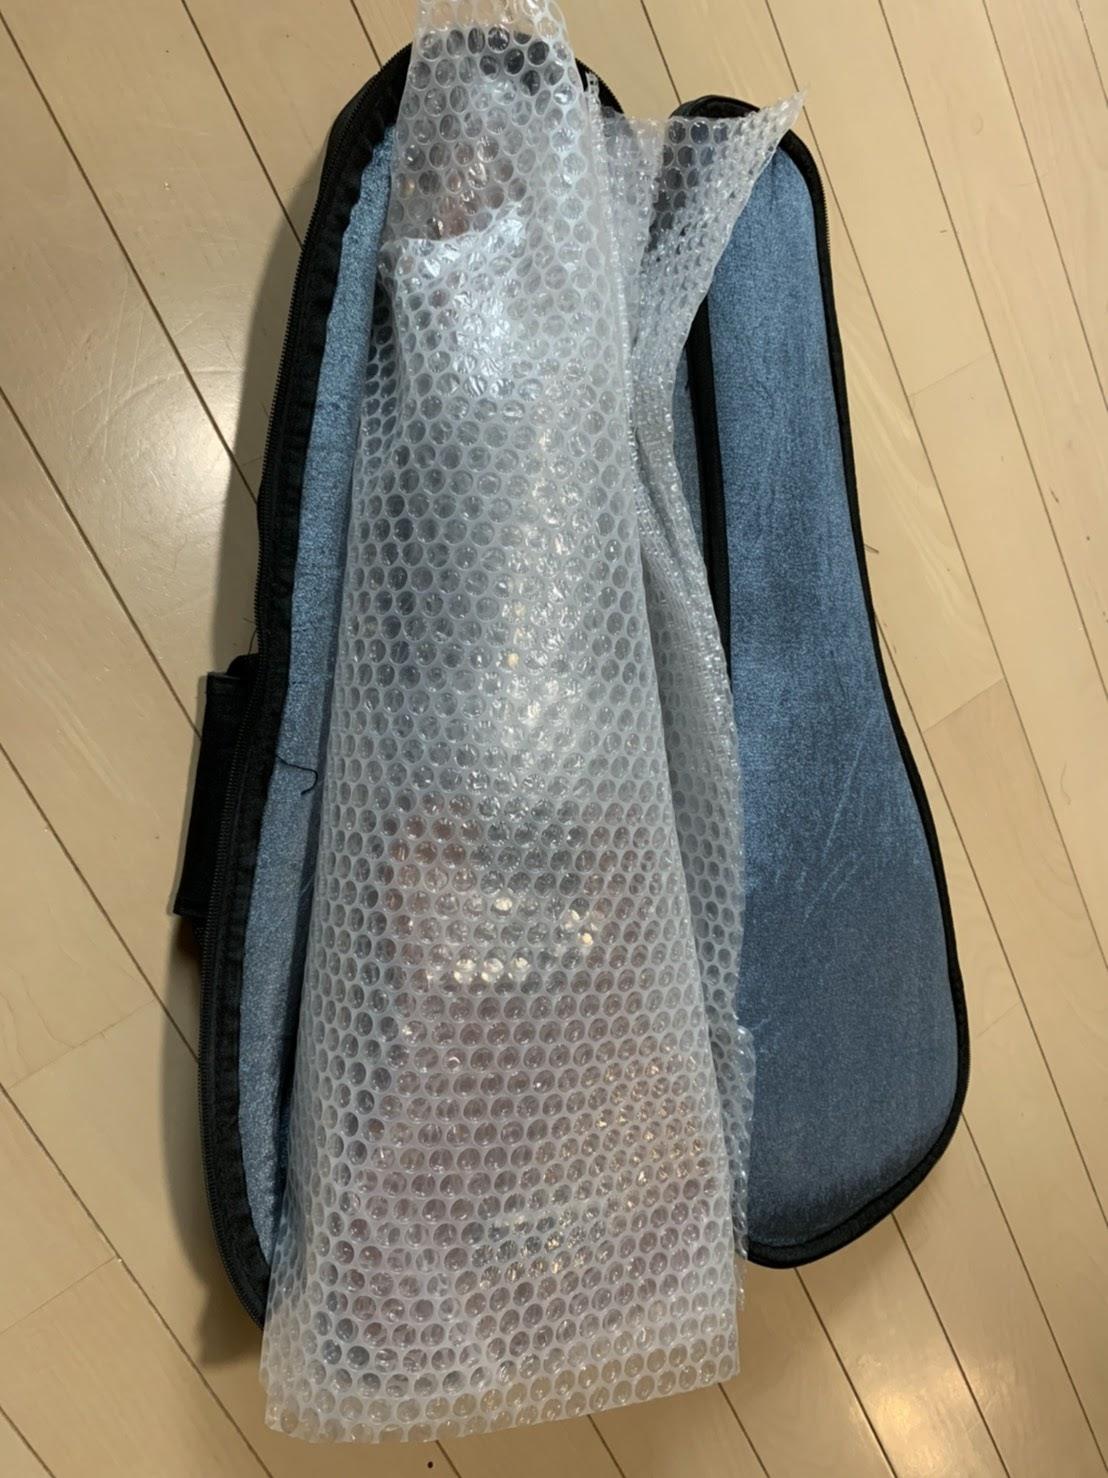 全体を梱包材で包み、ソフトケースに楽器を入れます。